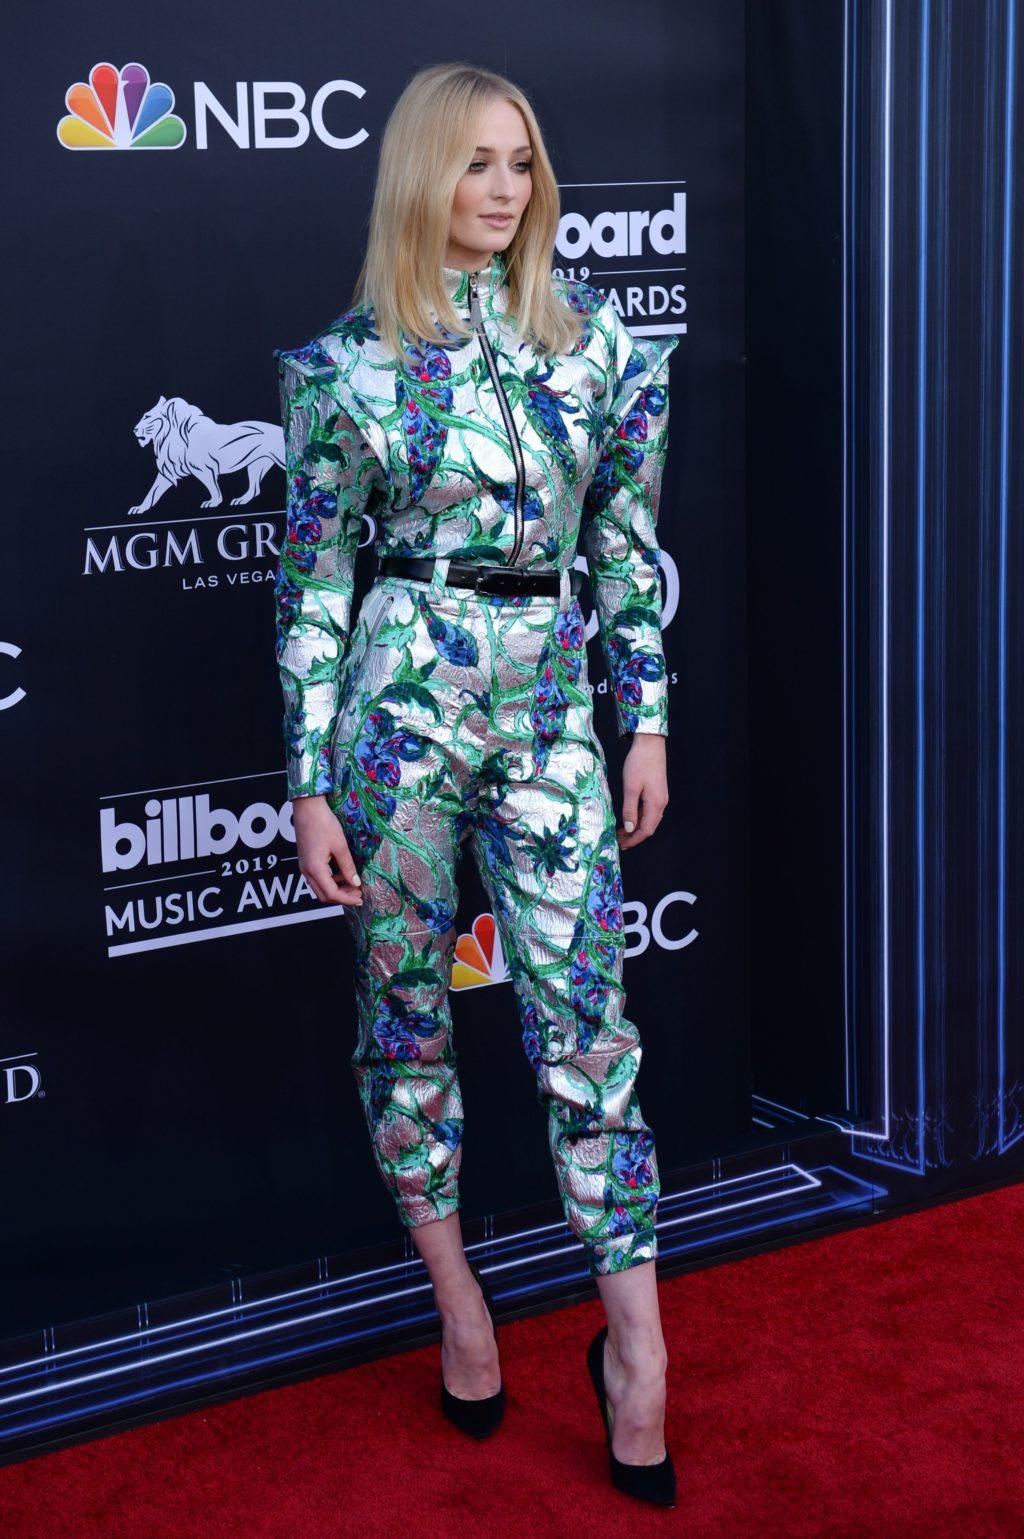 Софи Тернер Billboard Music Awards 2019